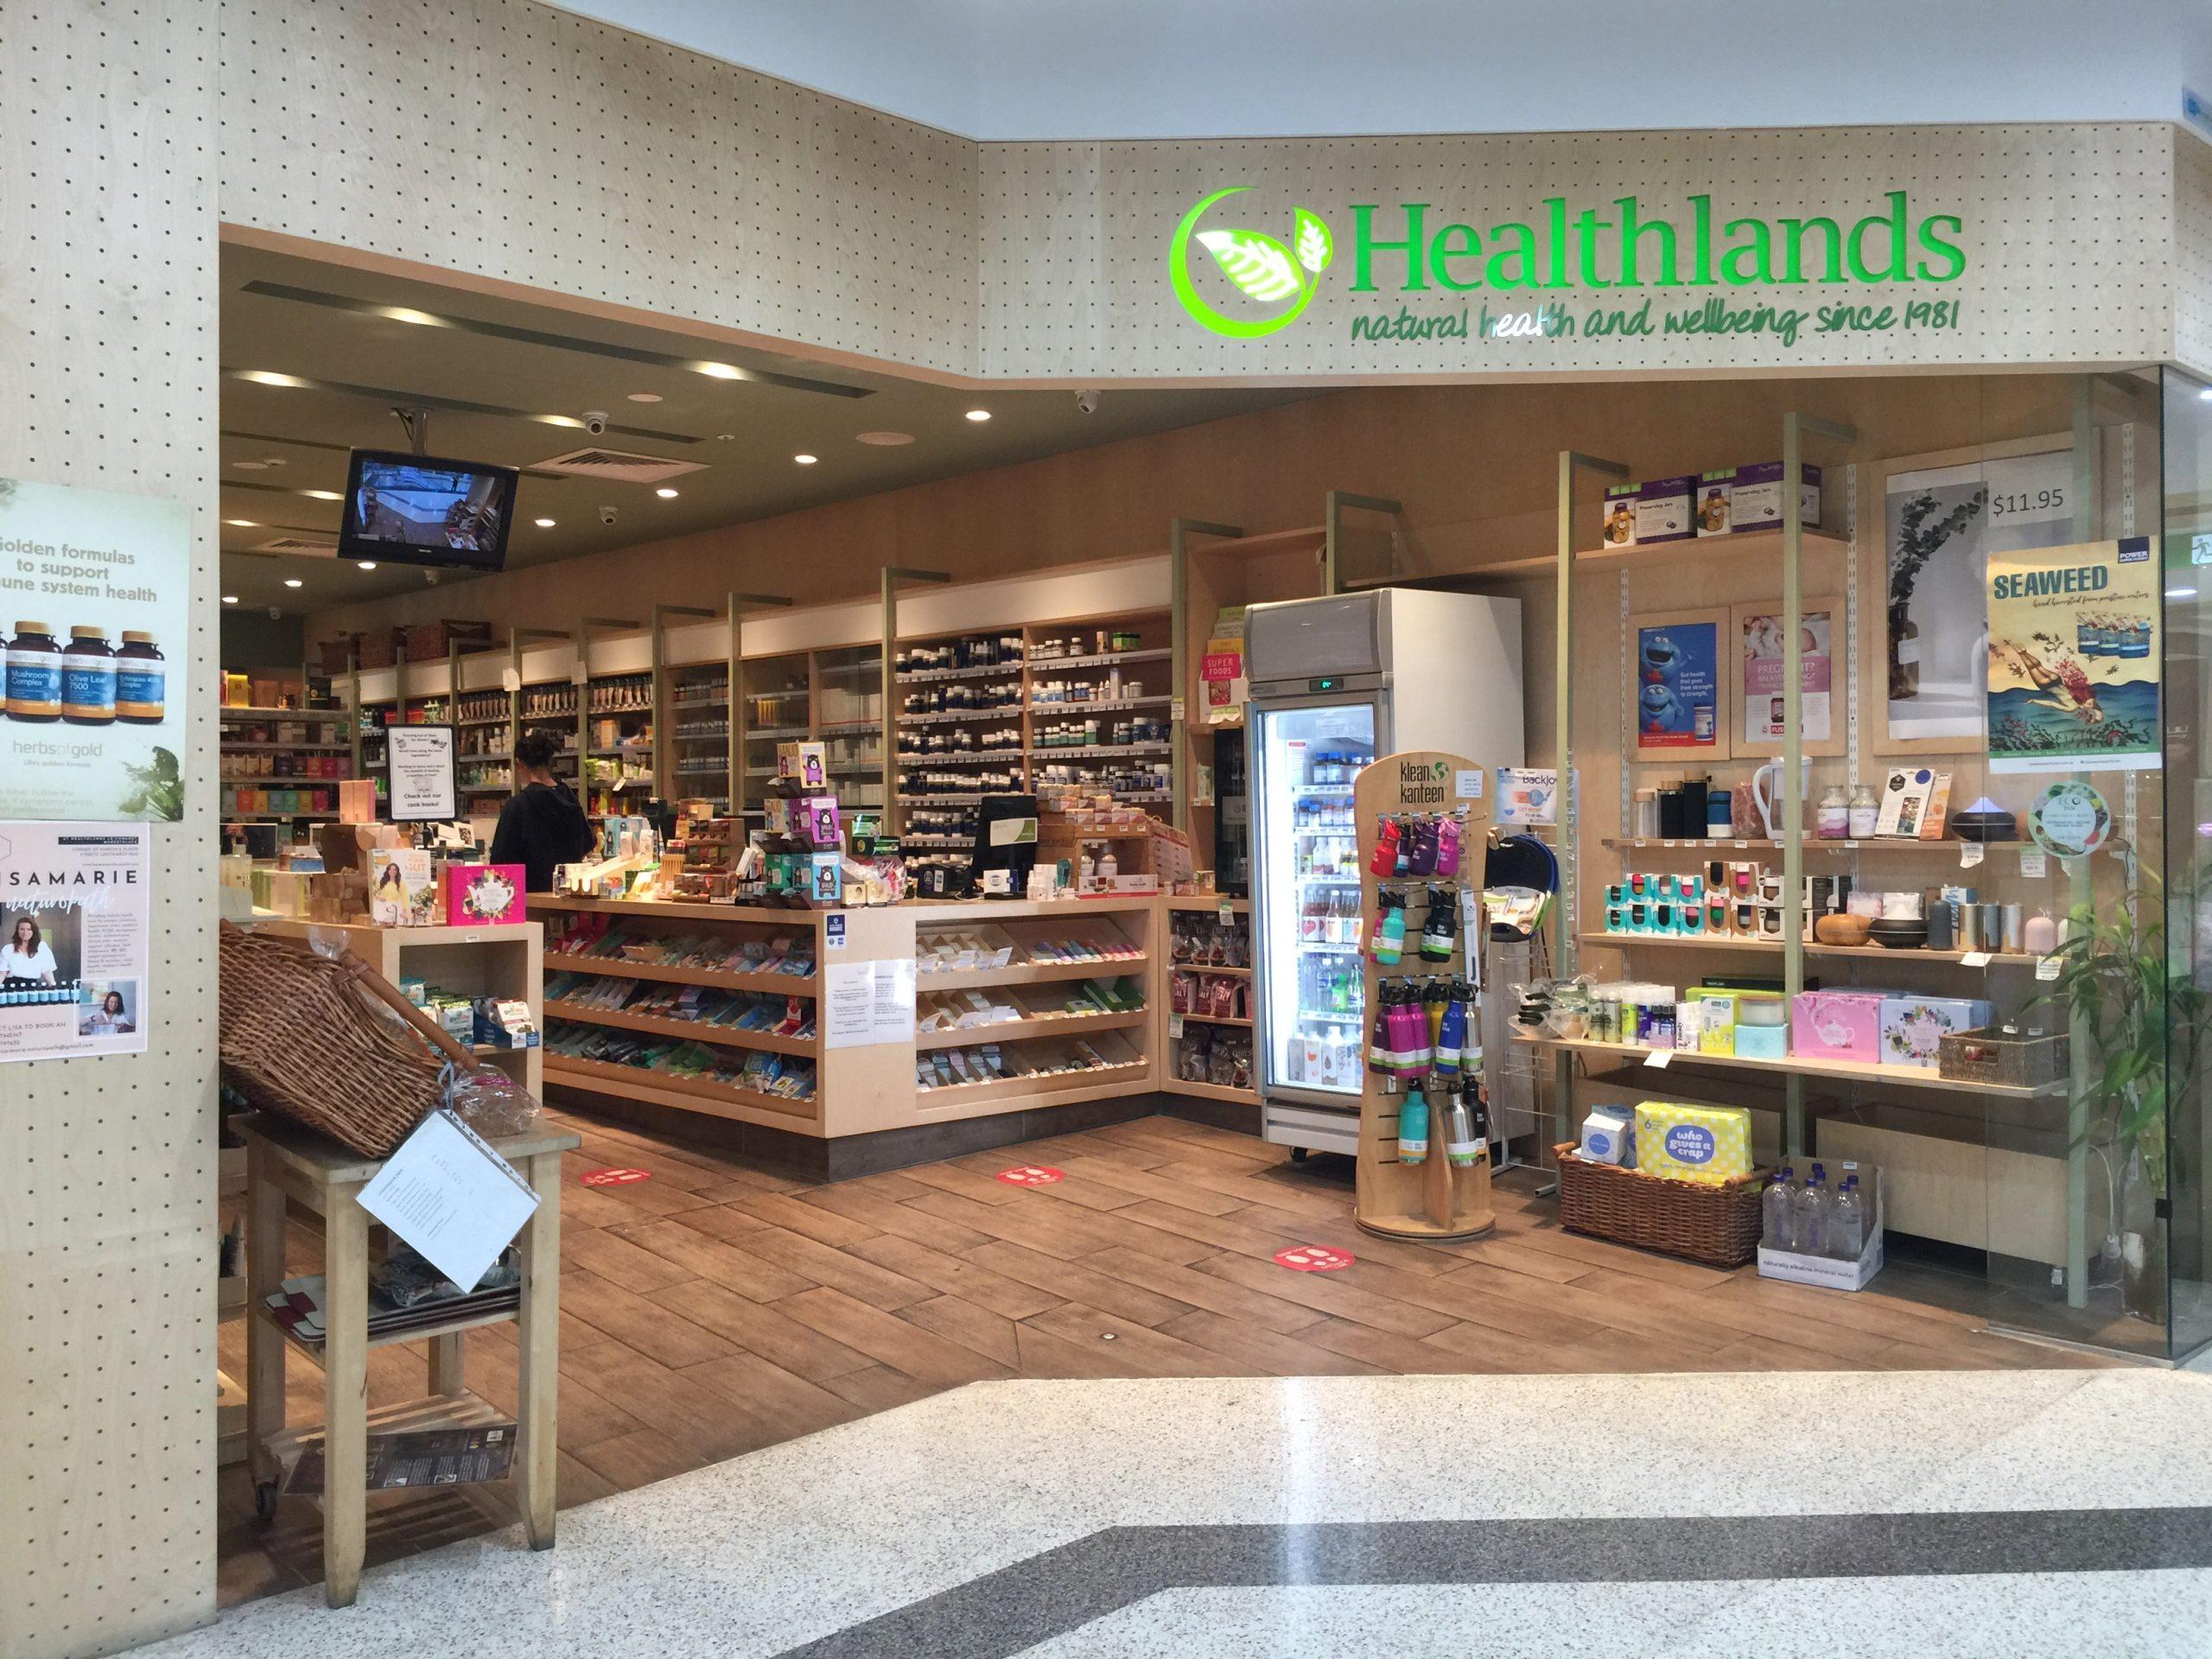 Healthlands